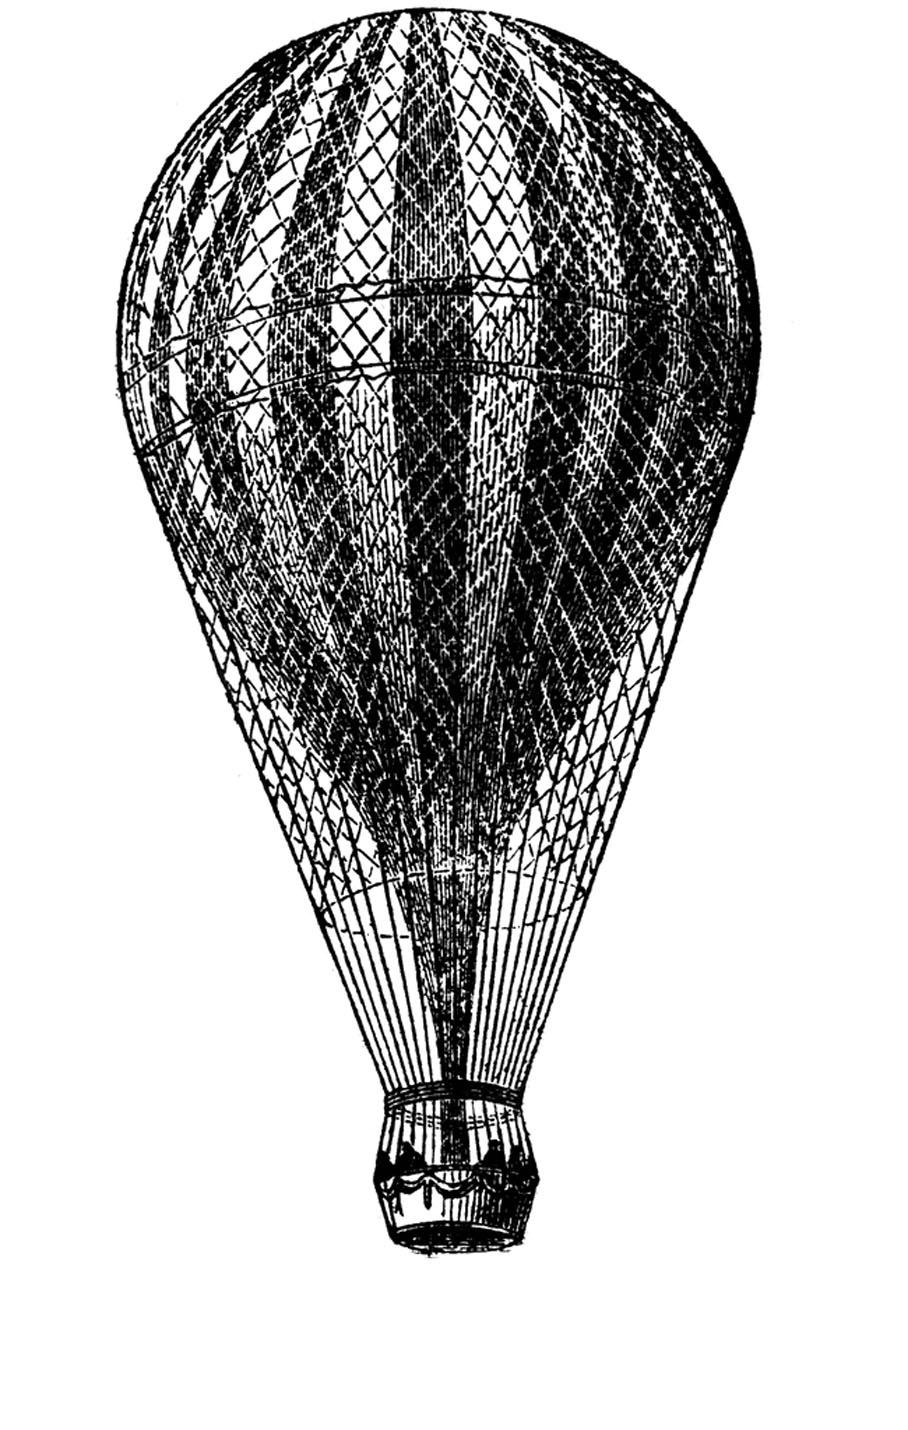 Vintage Hot Air Balloon – Craftbnb